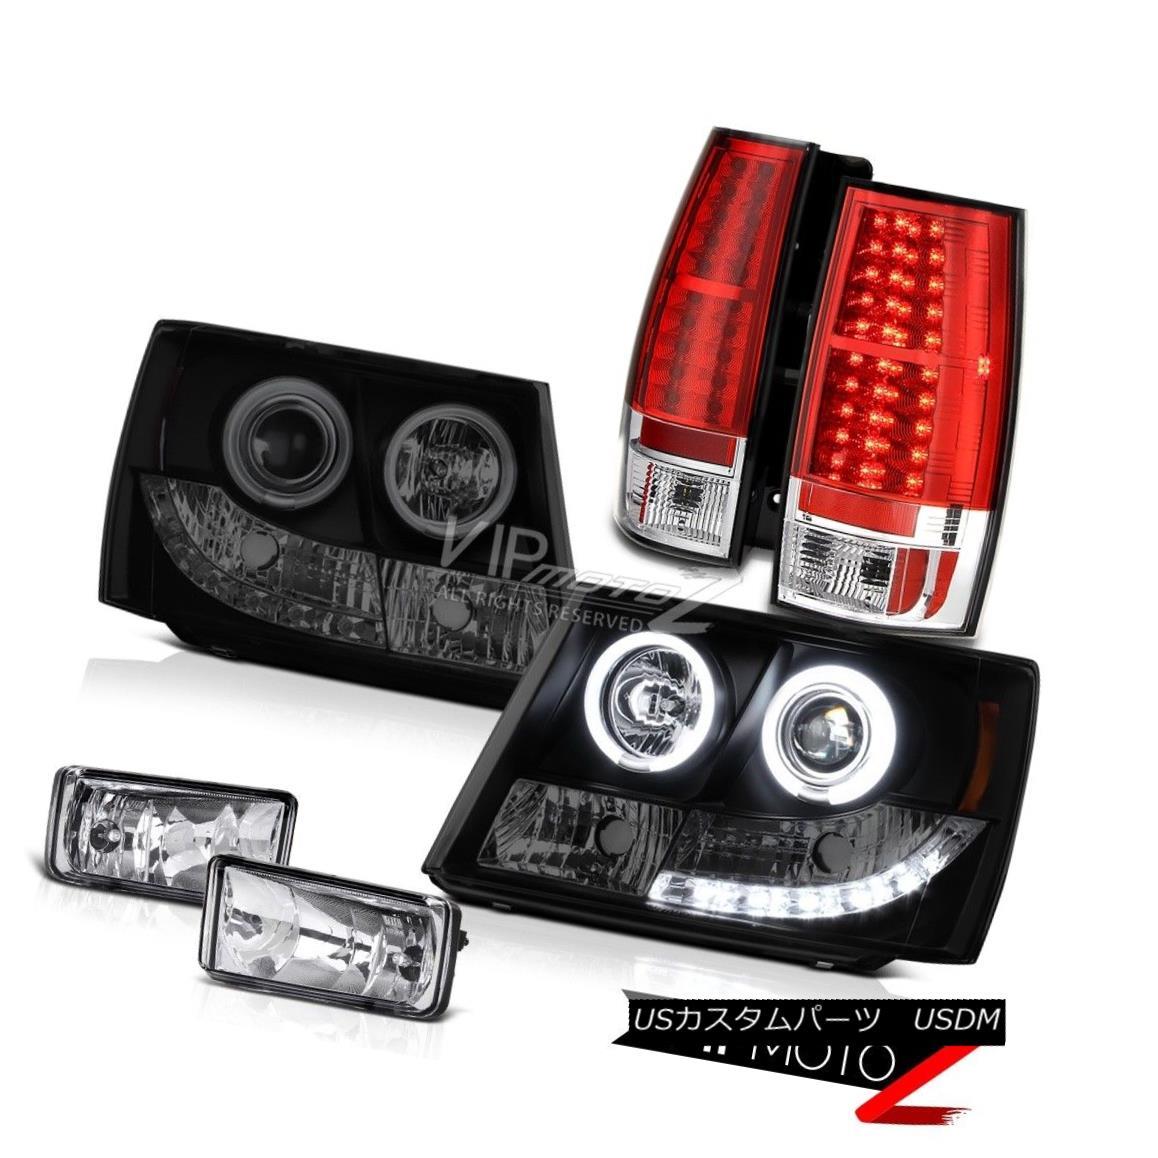 ヘッドライト 2007-14 Chevy Suburban LT LTZ CCFL Halo Rim Headlights LED Taillight Red Foglamp 2007 - 14年シボレー郊外LT LTZ CCFLハローリムヘッドライトLEDテールライトレッドフォグライト